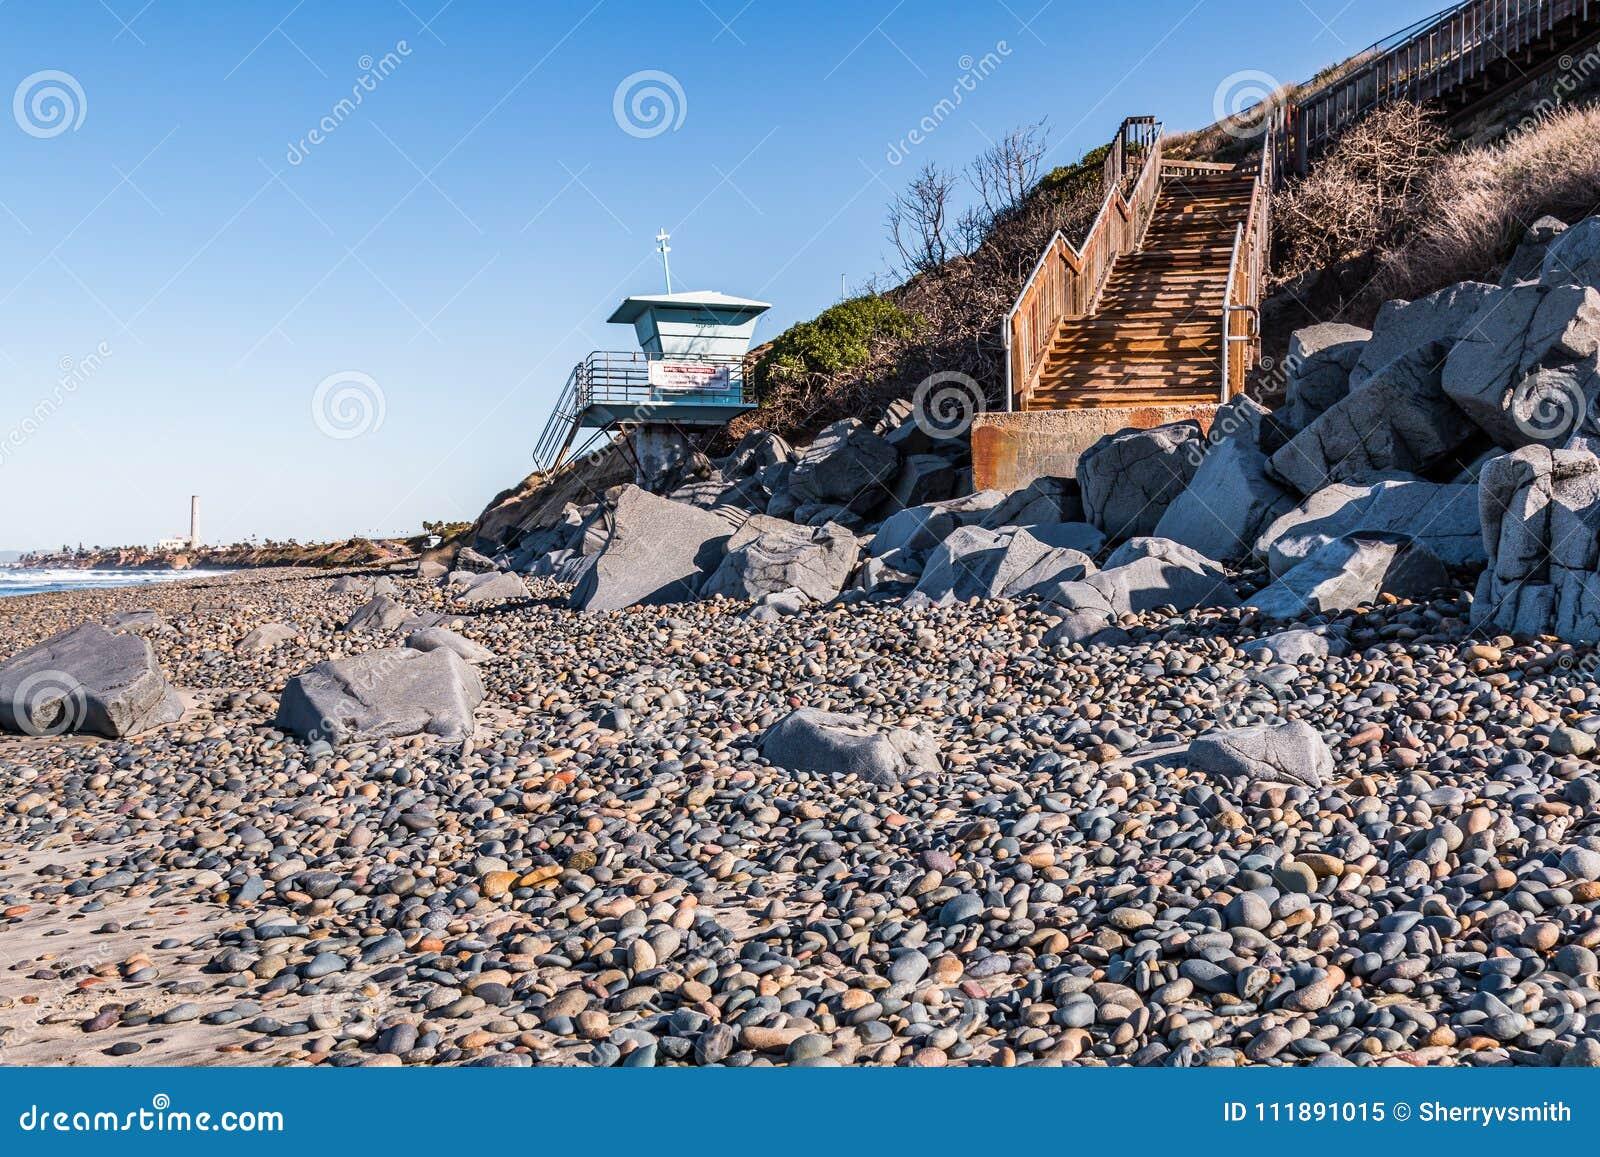 Badmeester tower met trap voor strandtoegang bij het strand van de